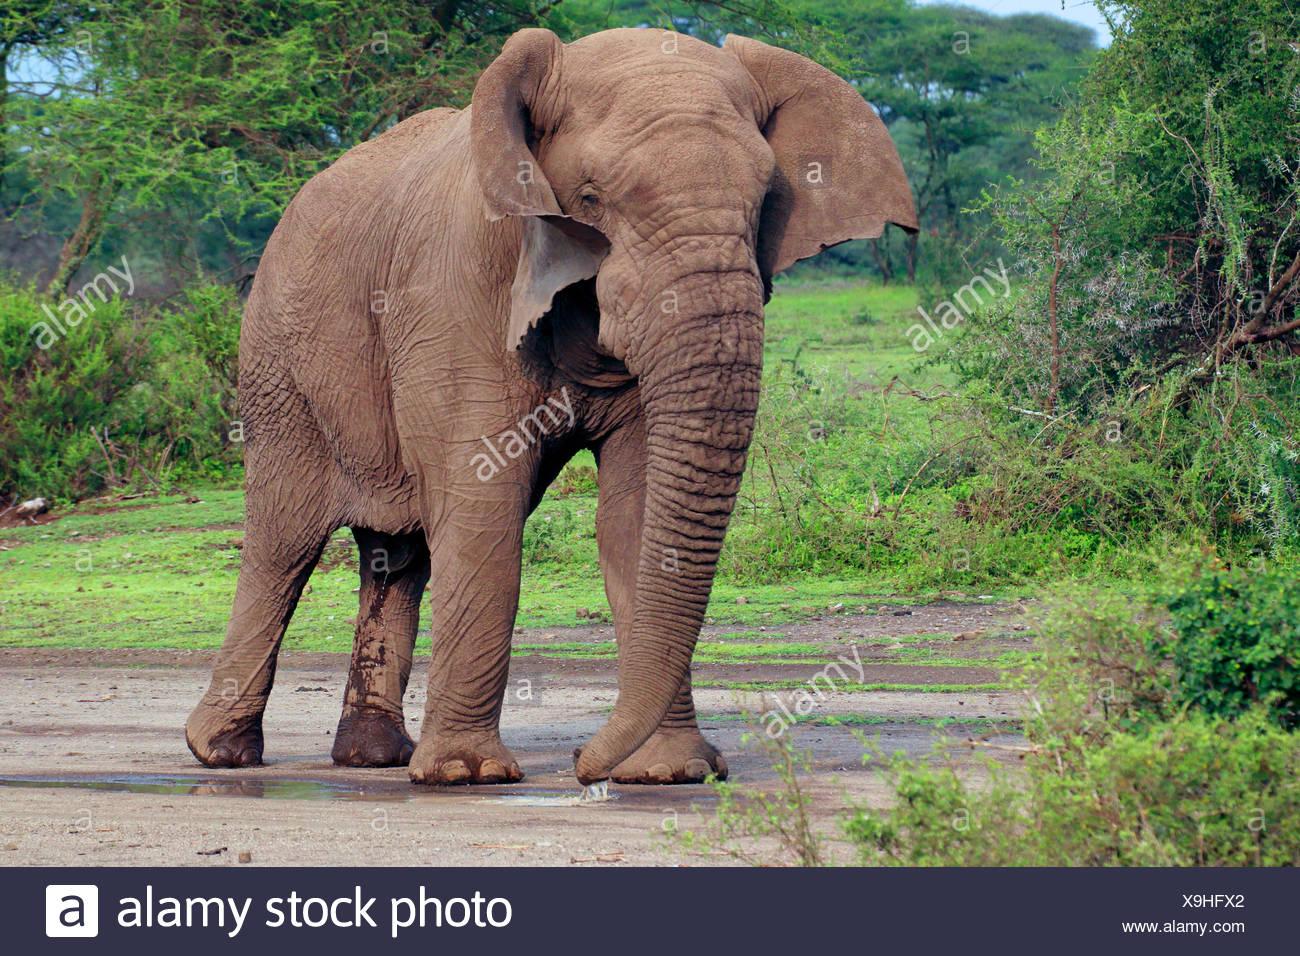 African elephant (Loxodonta africana), bull elephant without tusks in the Serengeti, Tanzania, Serengeti National Park - Stock Image